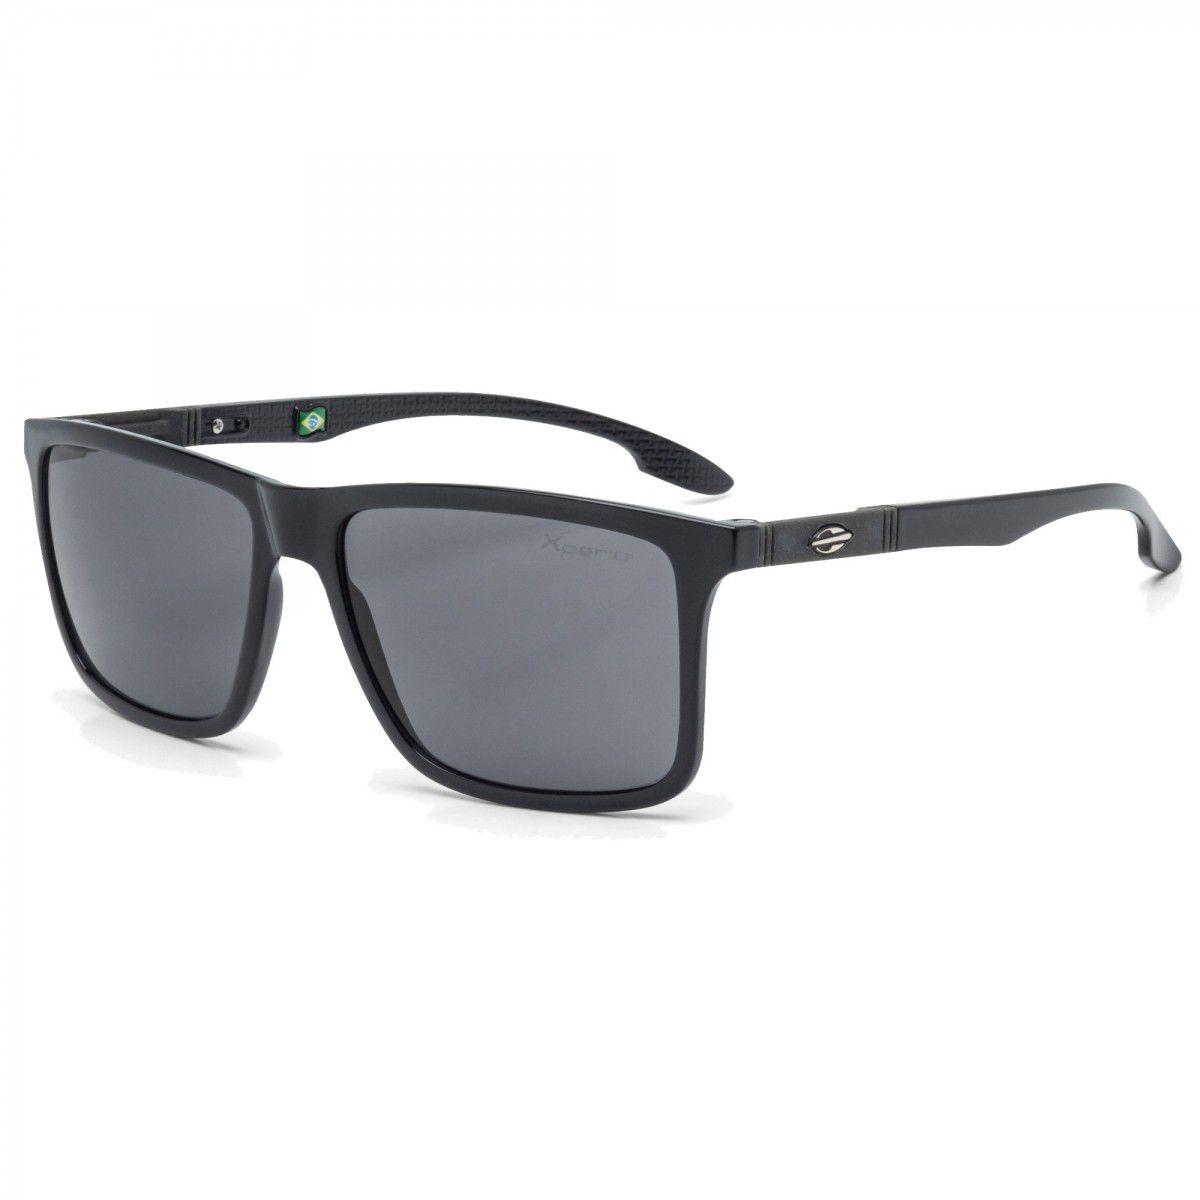 161123b6127e6 Óculos de Sol Mormaii kona Polarizado - Marivan Surf e Skate Shop